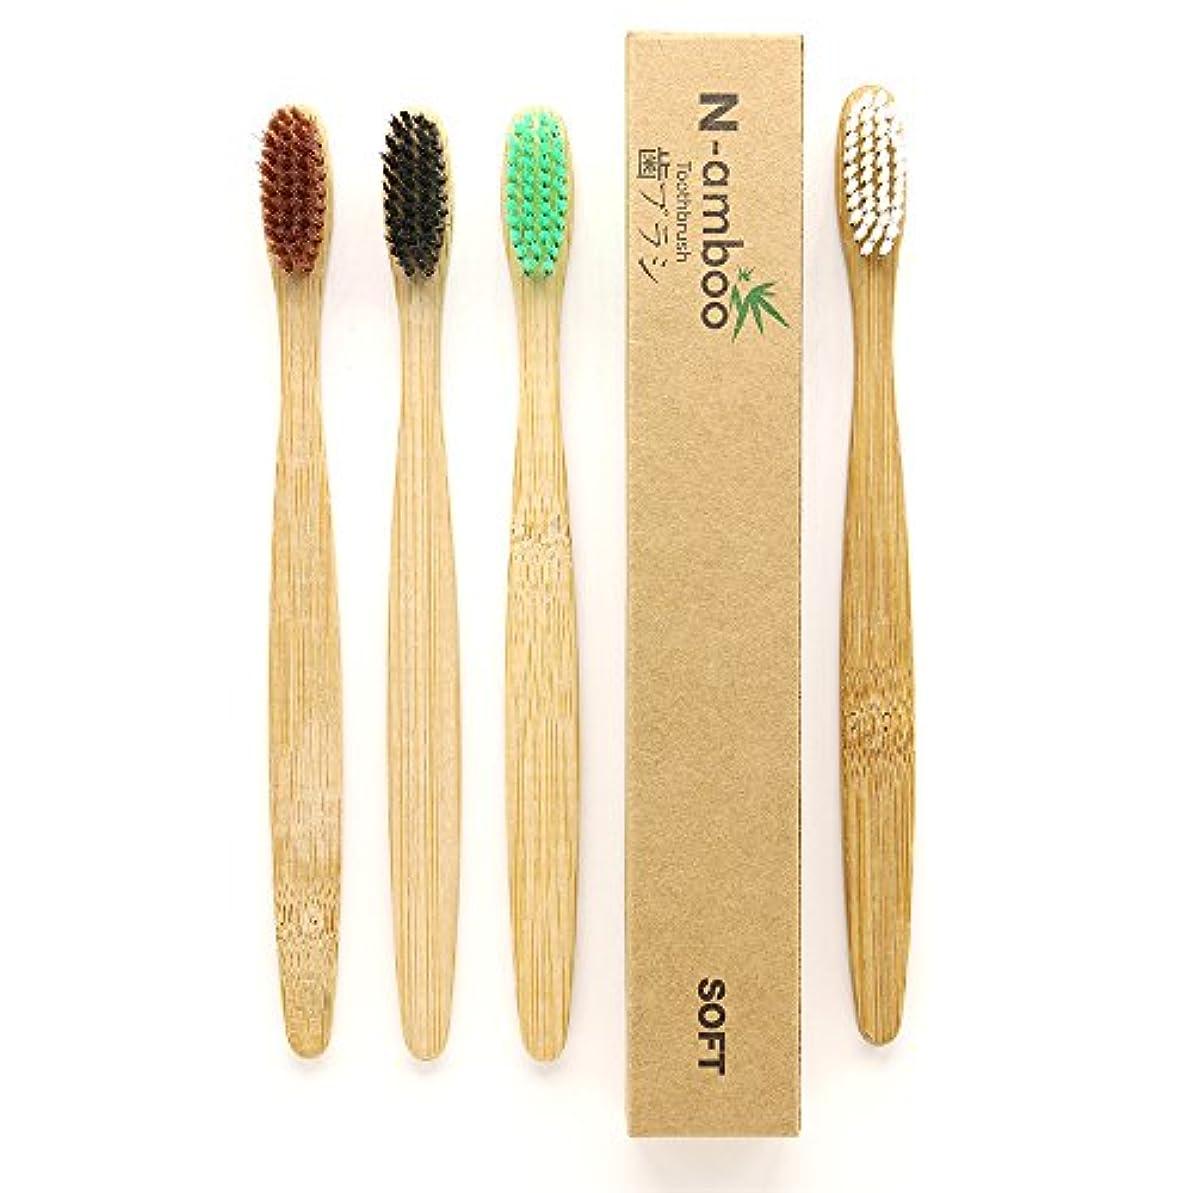 製造業炭水化物先祖N-amboo 竹製耐久度高い 歯ブラシ 4本入り(4色各1本)